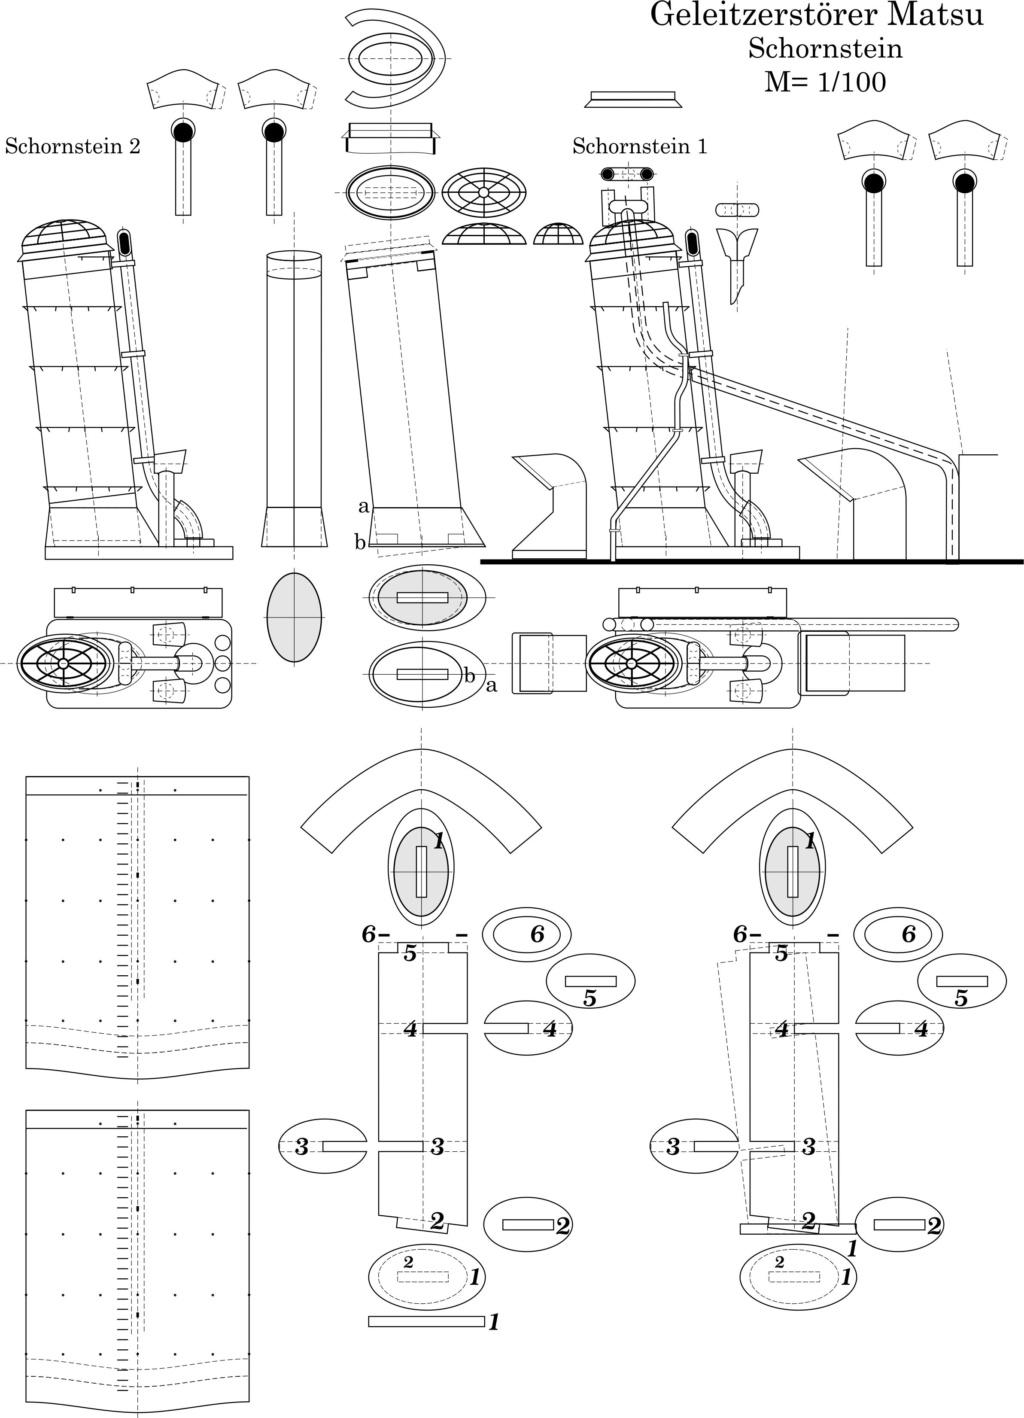 Japanischer Begleitzerstörer der Matsu Klasse, M 1/100 Bitmap11